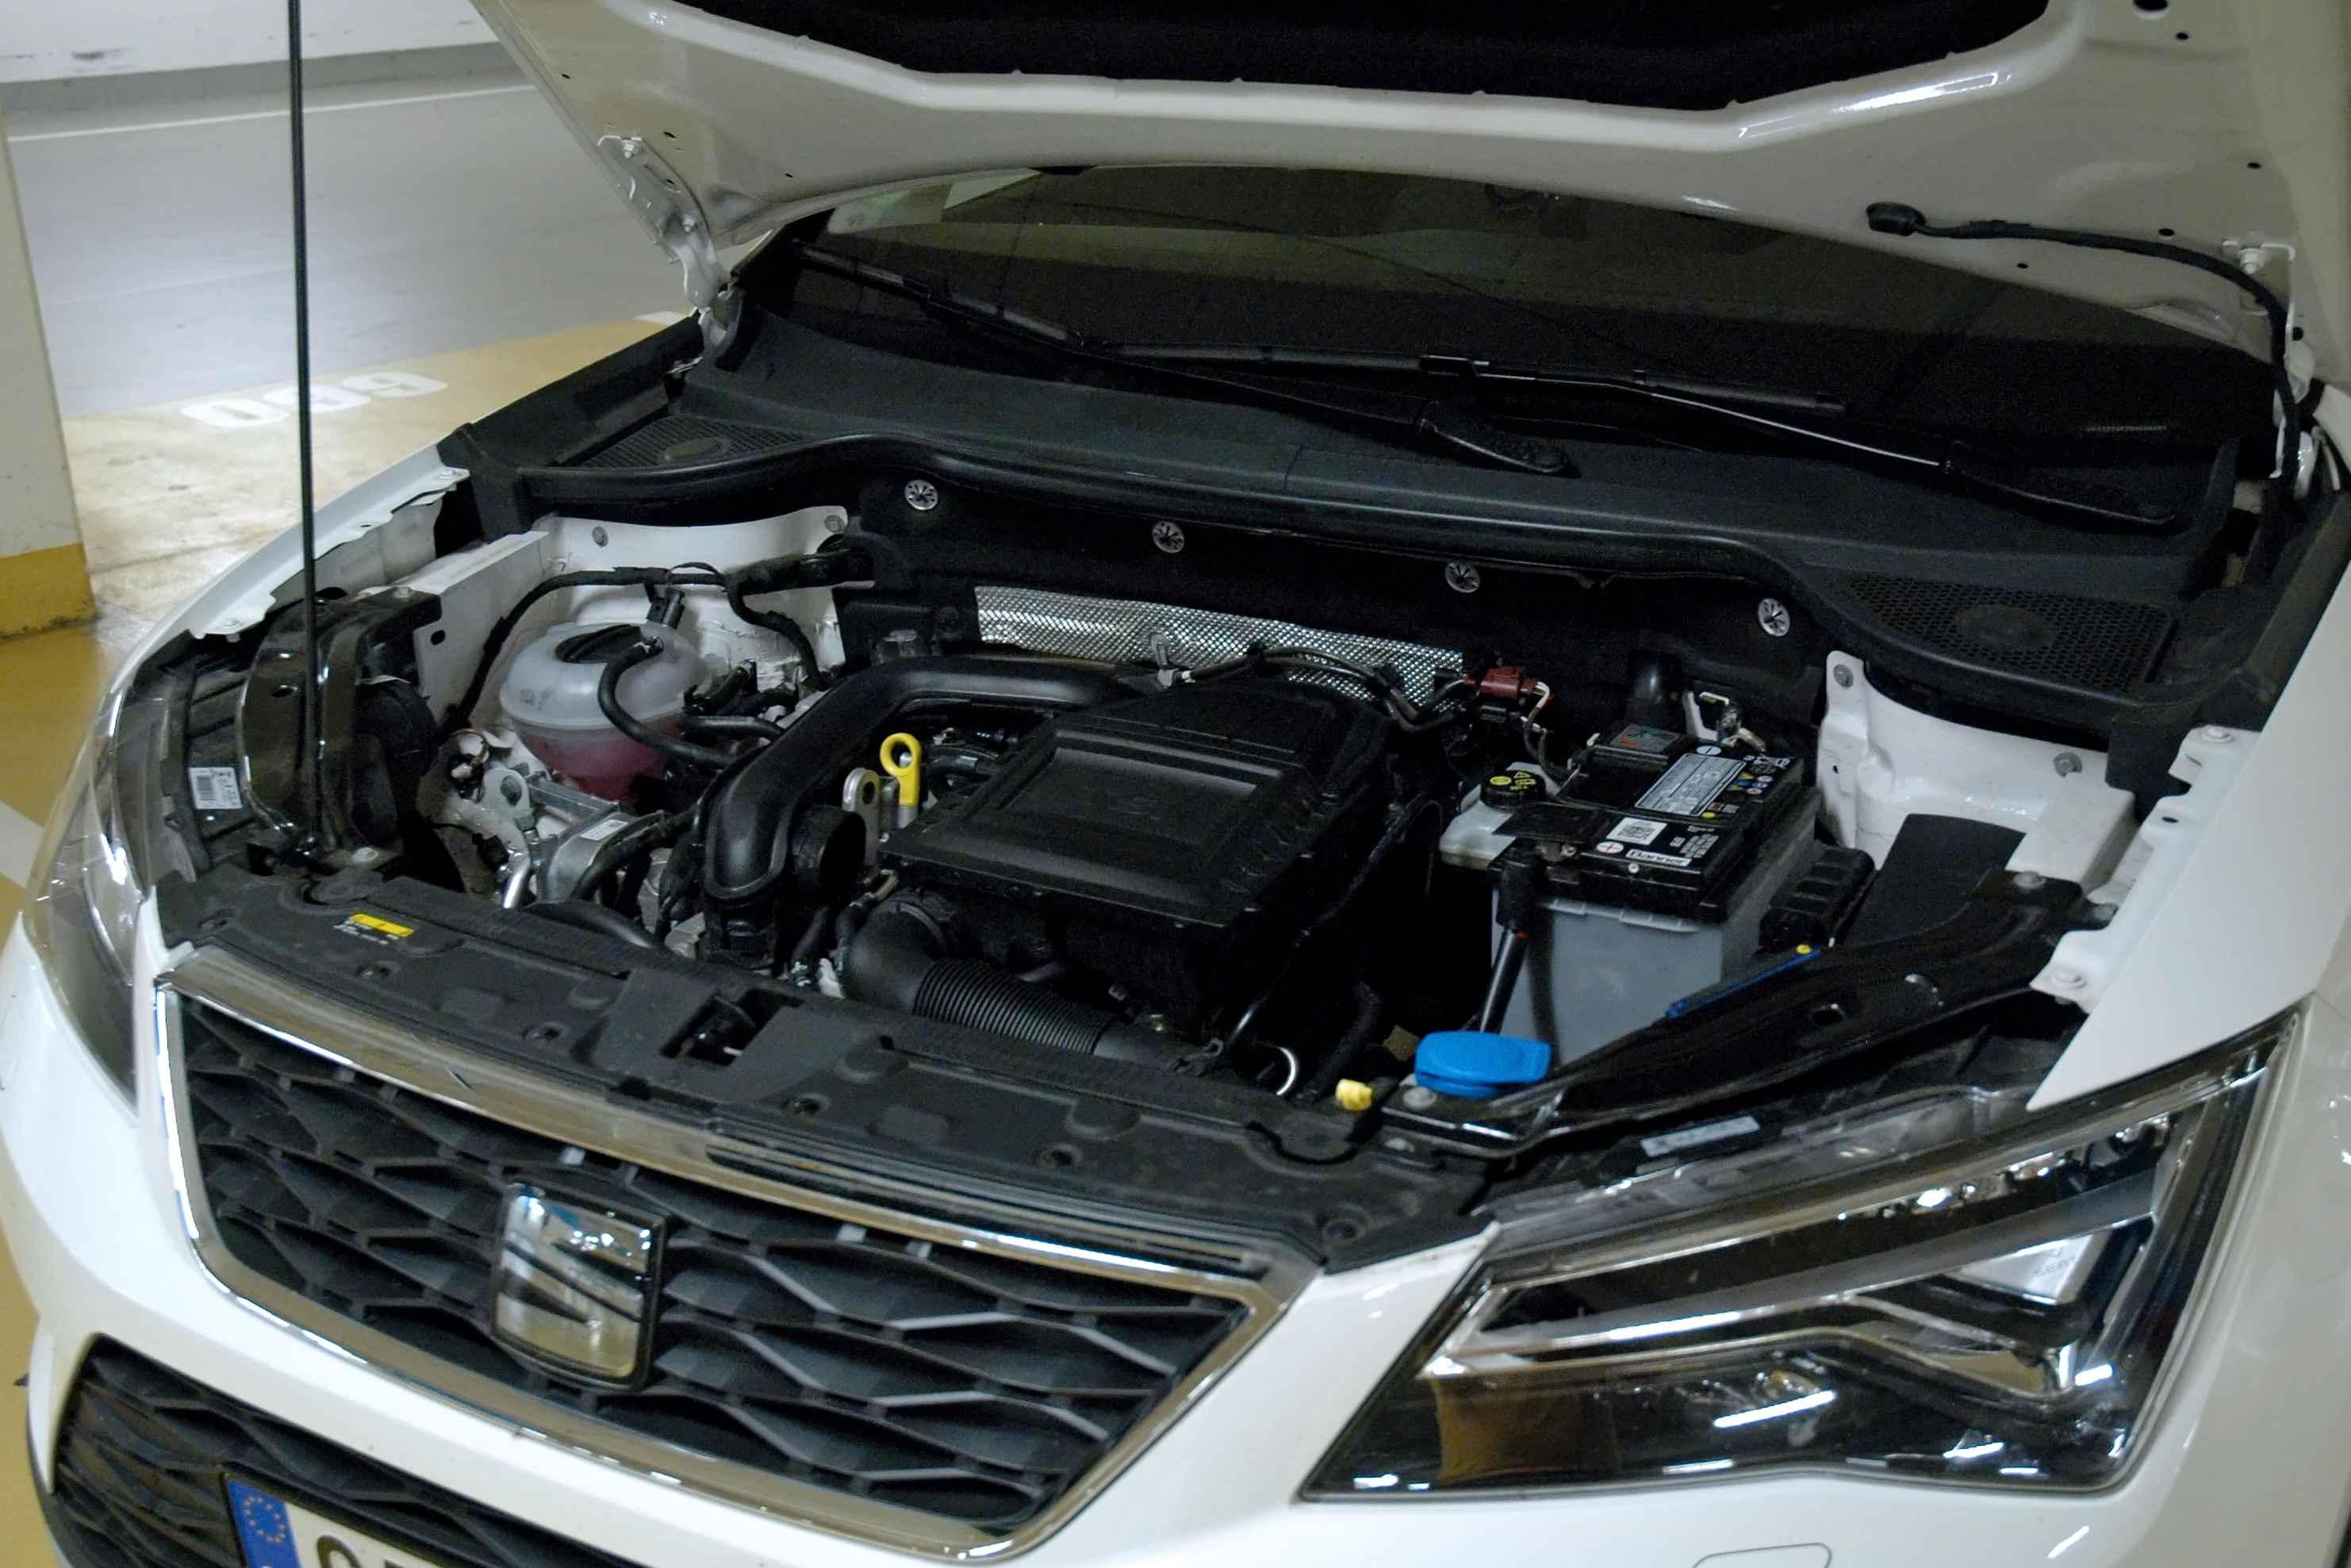 Ateca motor